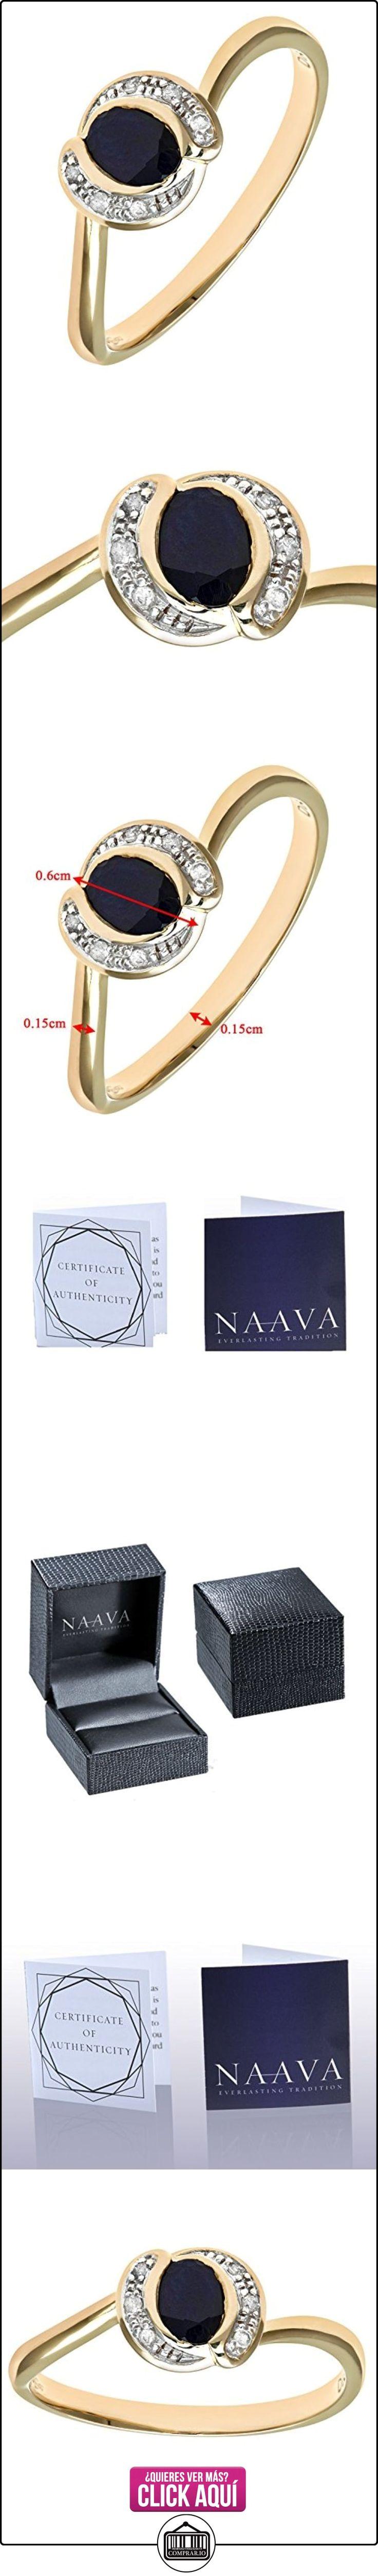 Naava PR08989SA(P) - Anillo de mujer de oro amarillo (9k) con diamantes y zafiros (talla: 16.5)  ✿ Joyas para mujer - Las mejores ofertas ✿ ▬► Ver oferta: https://comprar.io/goto/B00403MEJI